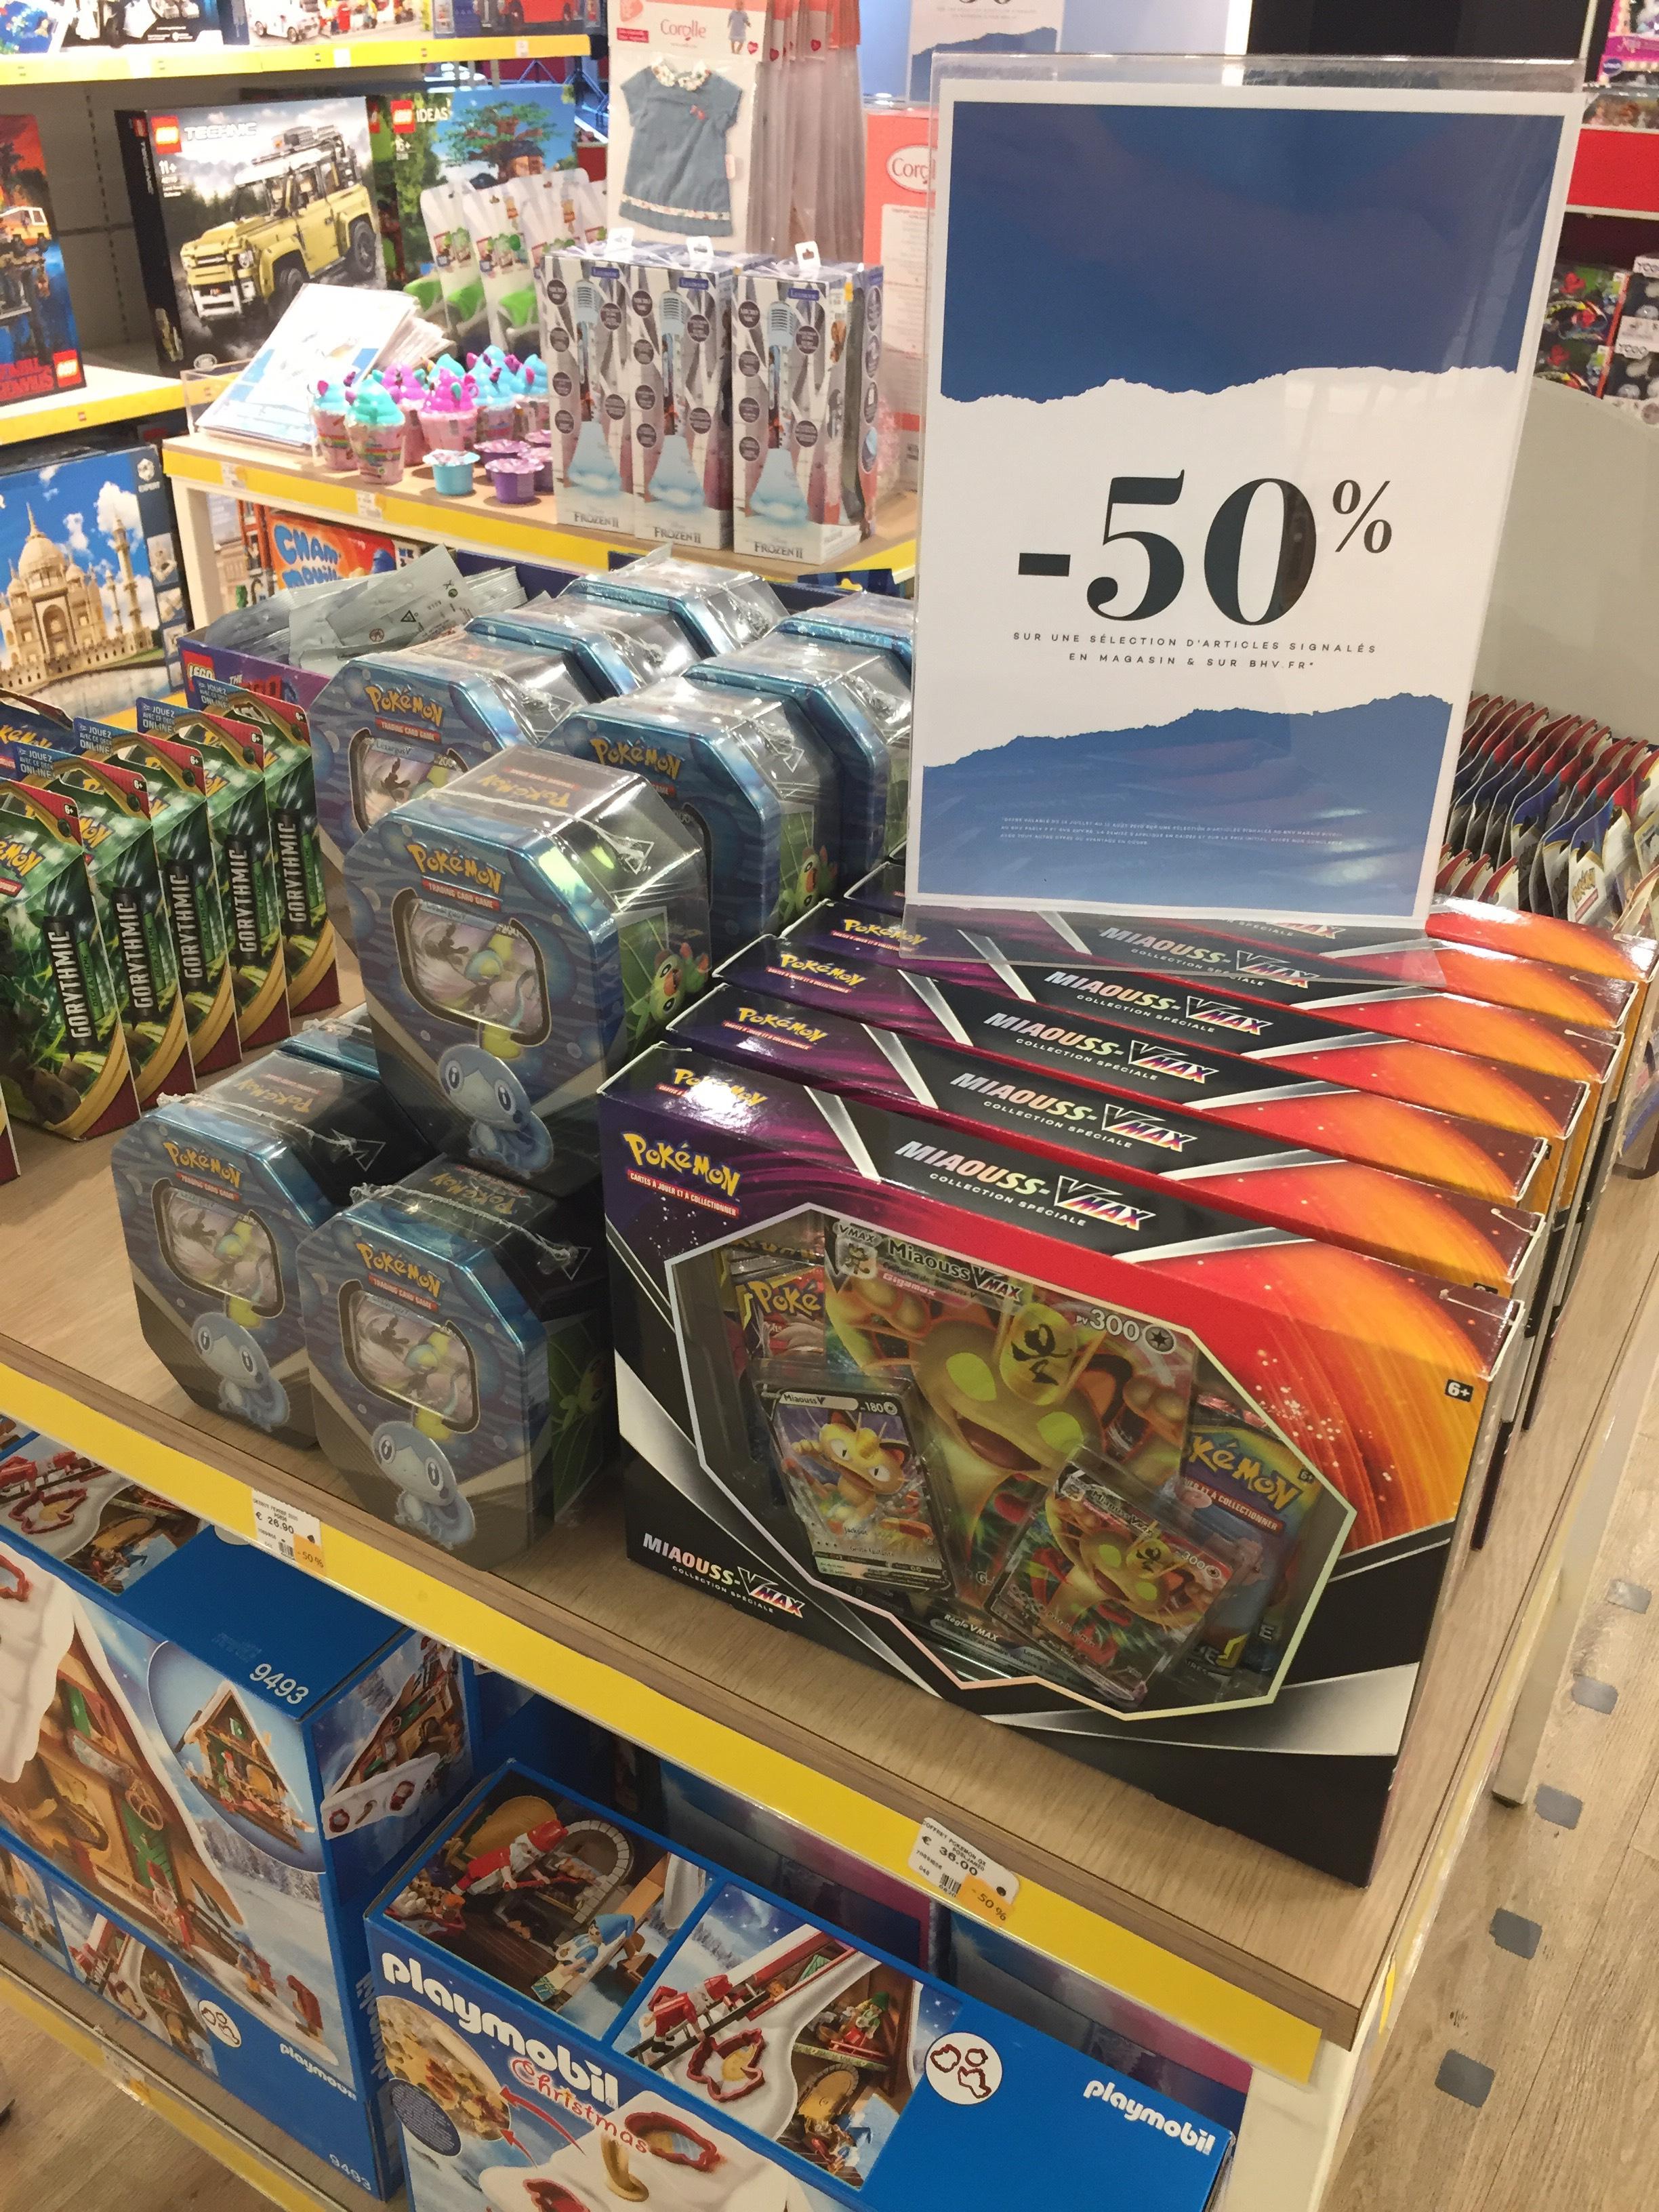 50% de réduction sur une sélection de Cartes et booster Pokémon - BHV Paris (75)